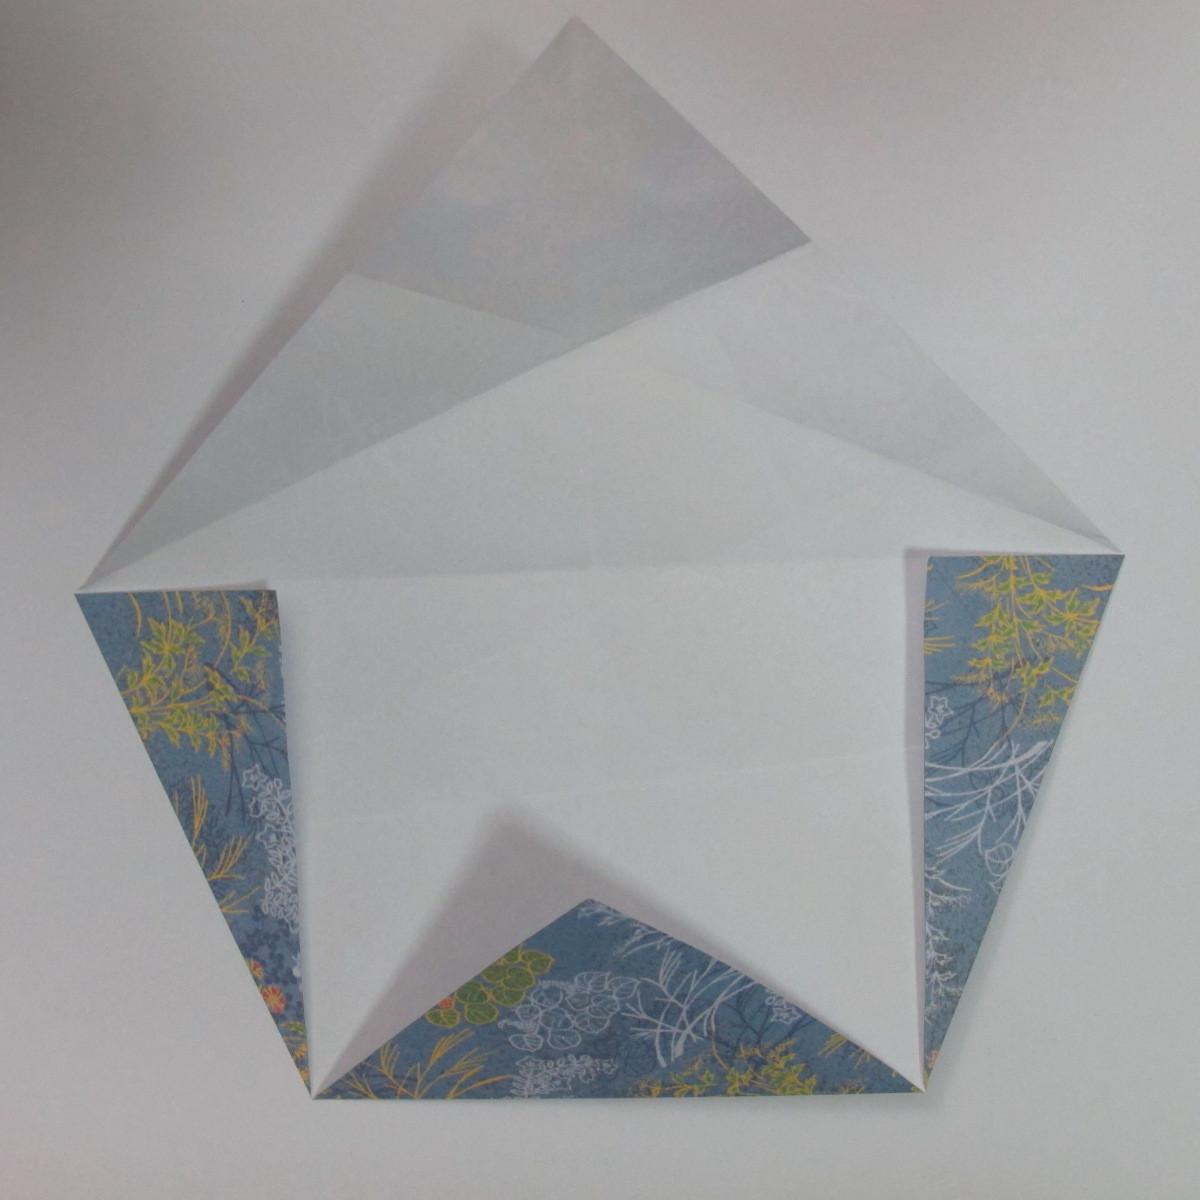 วิธีการพับกระดาษเป็นรูปม้า (Origami Horse) 016